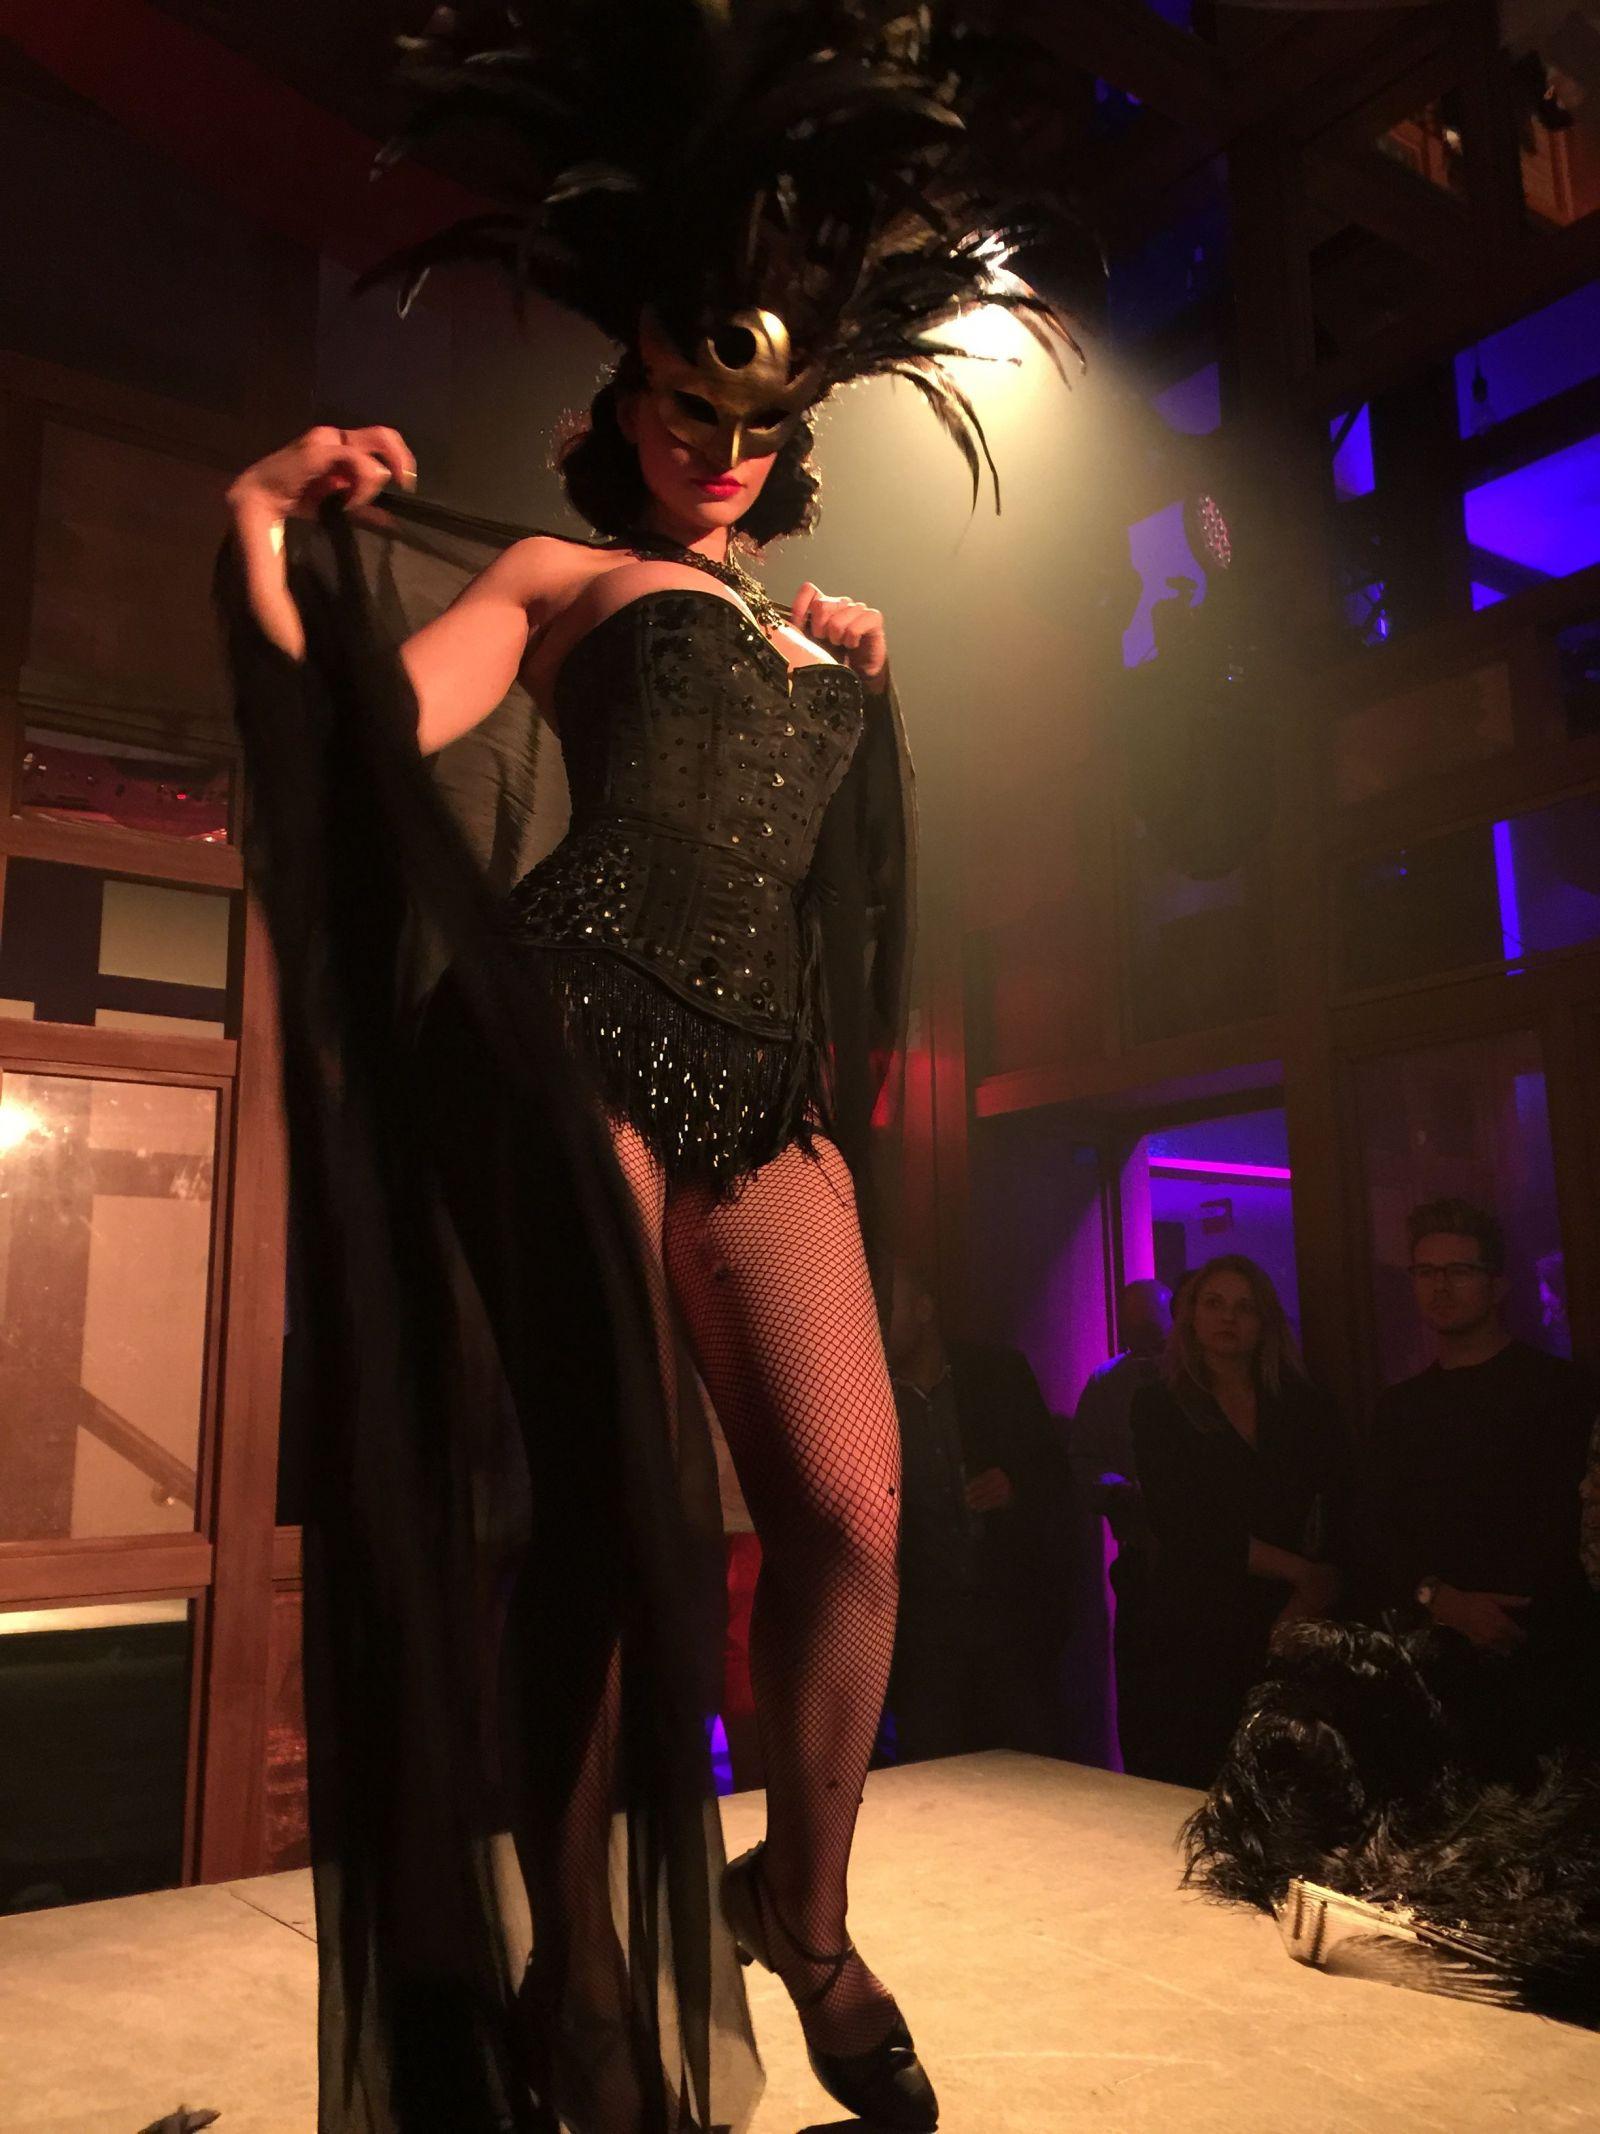 Masked Fetish Dancer